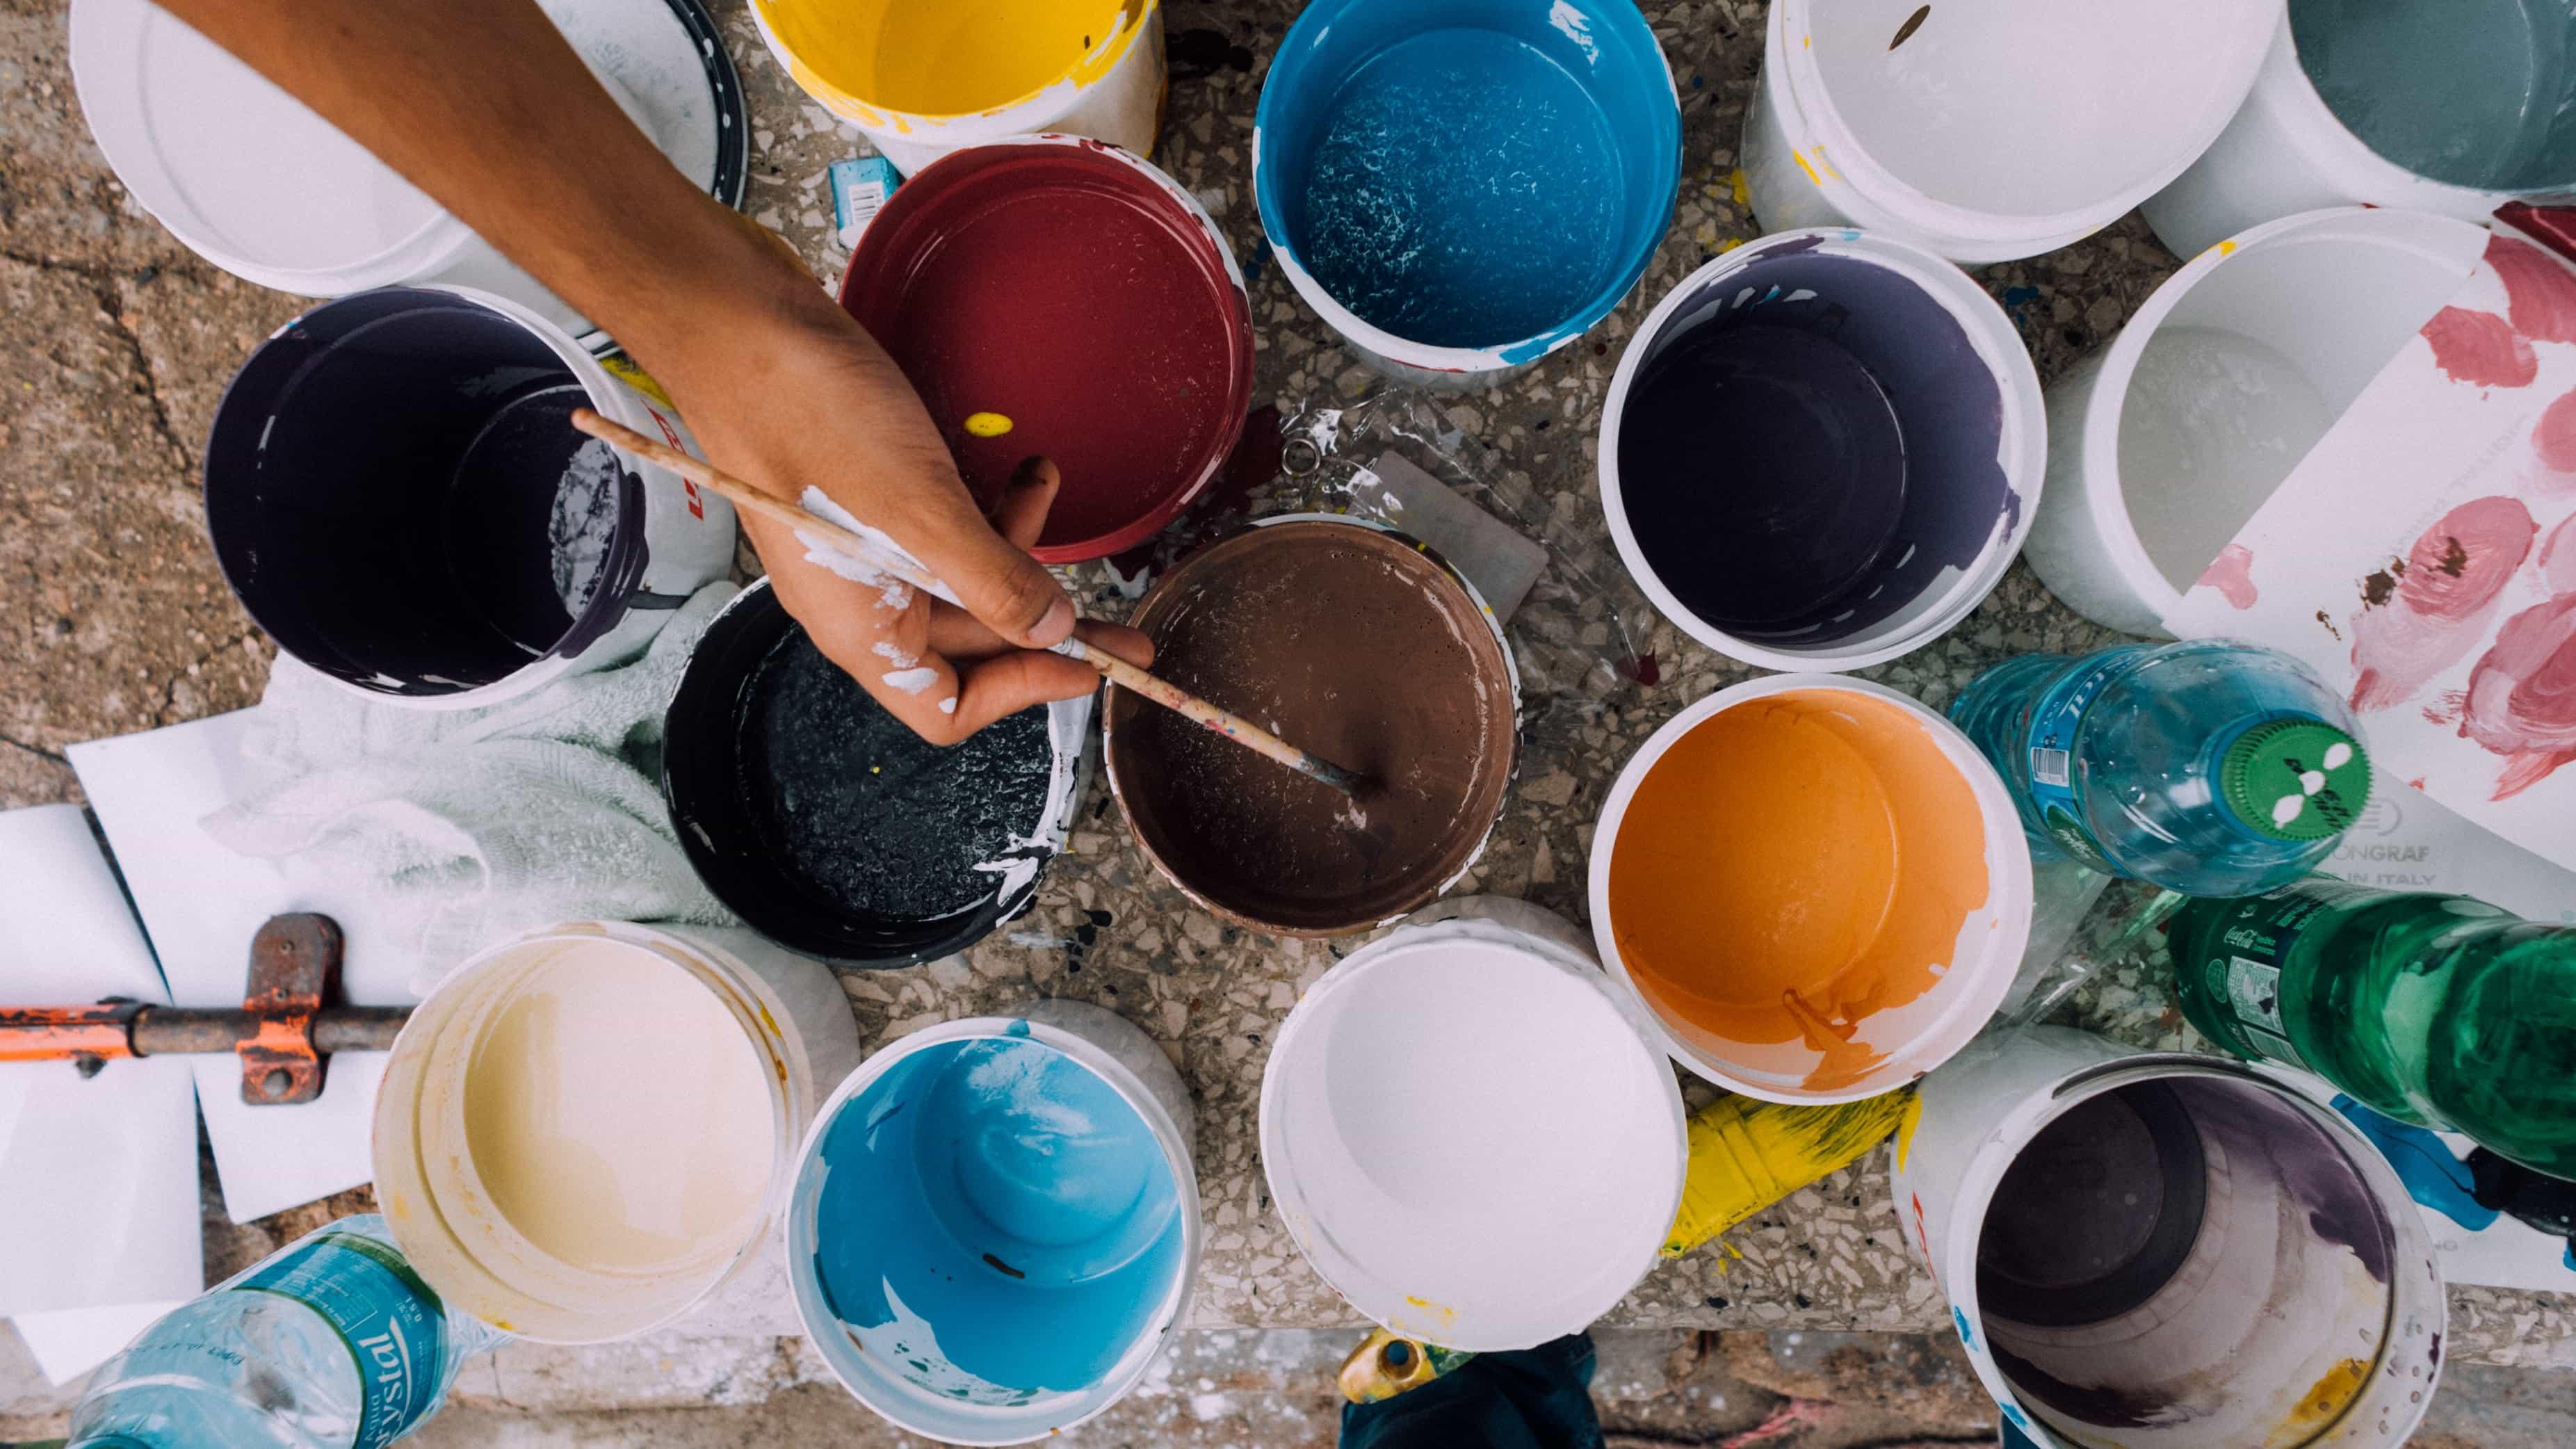 La réalisation des travaux de peinture